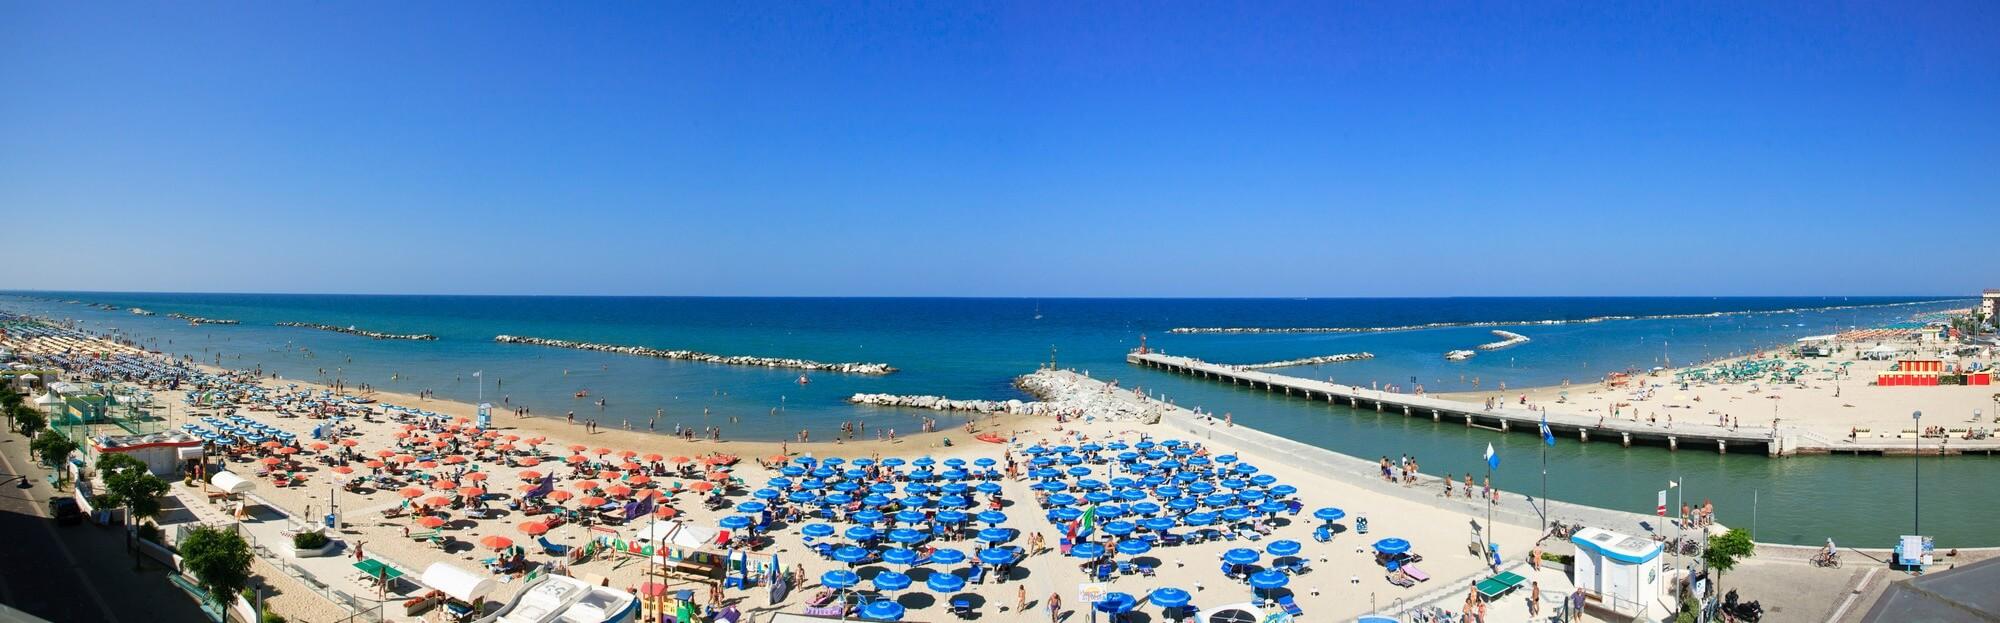 Spiaggia Bellaria e Igea Marina